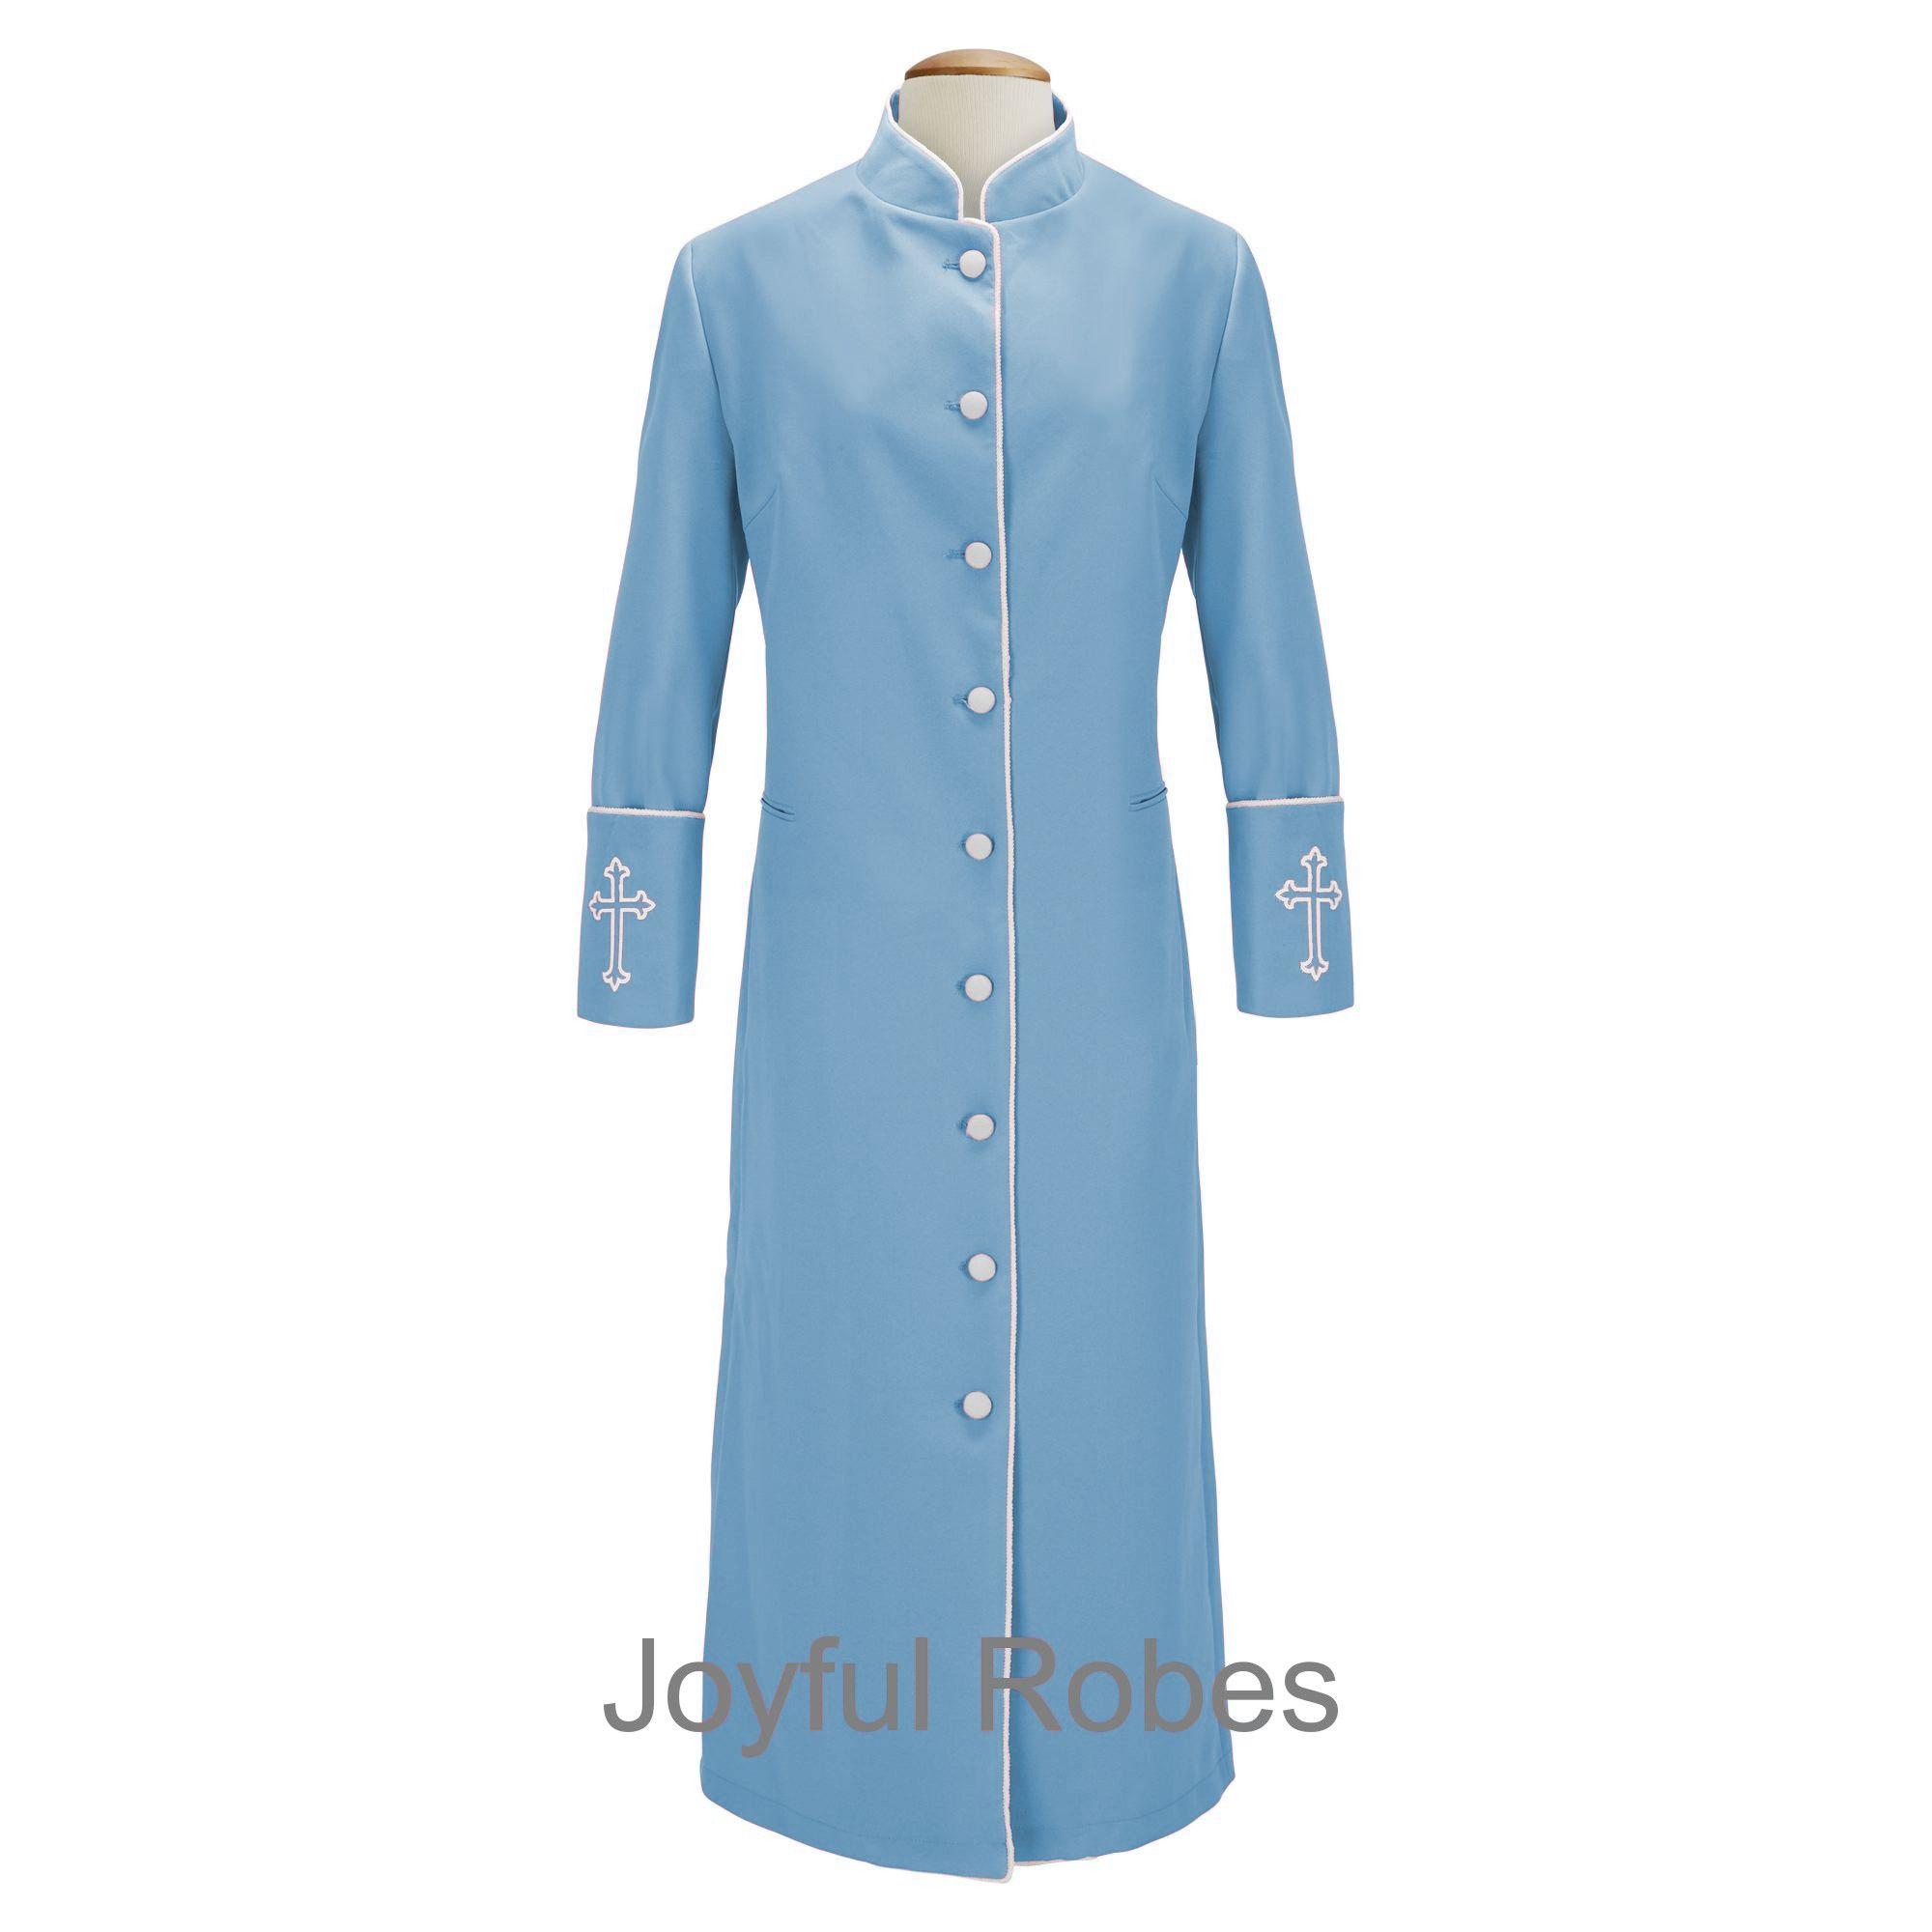 211 W. Women's Clergy/Pastor Robe - Light Blue/White Design